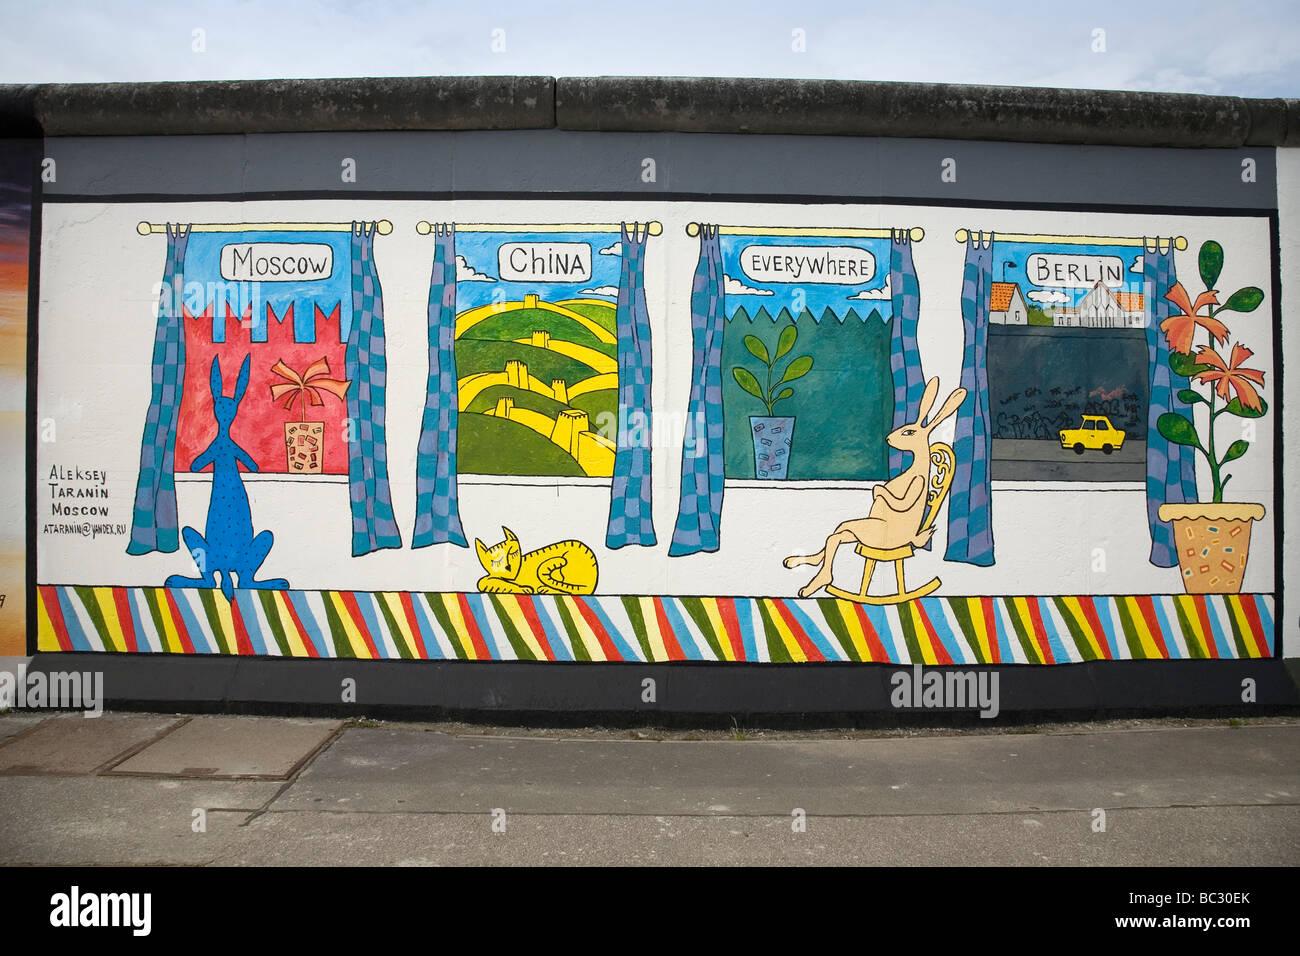 El muro de Berlín, East Side Gallery, Berlin, Alemania Imagen De Stock